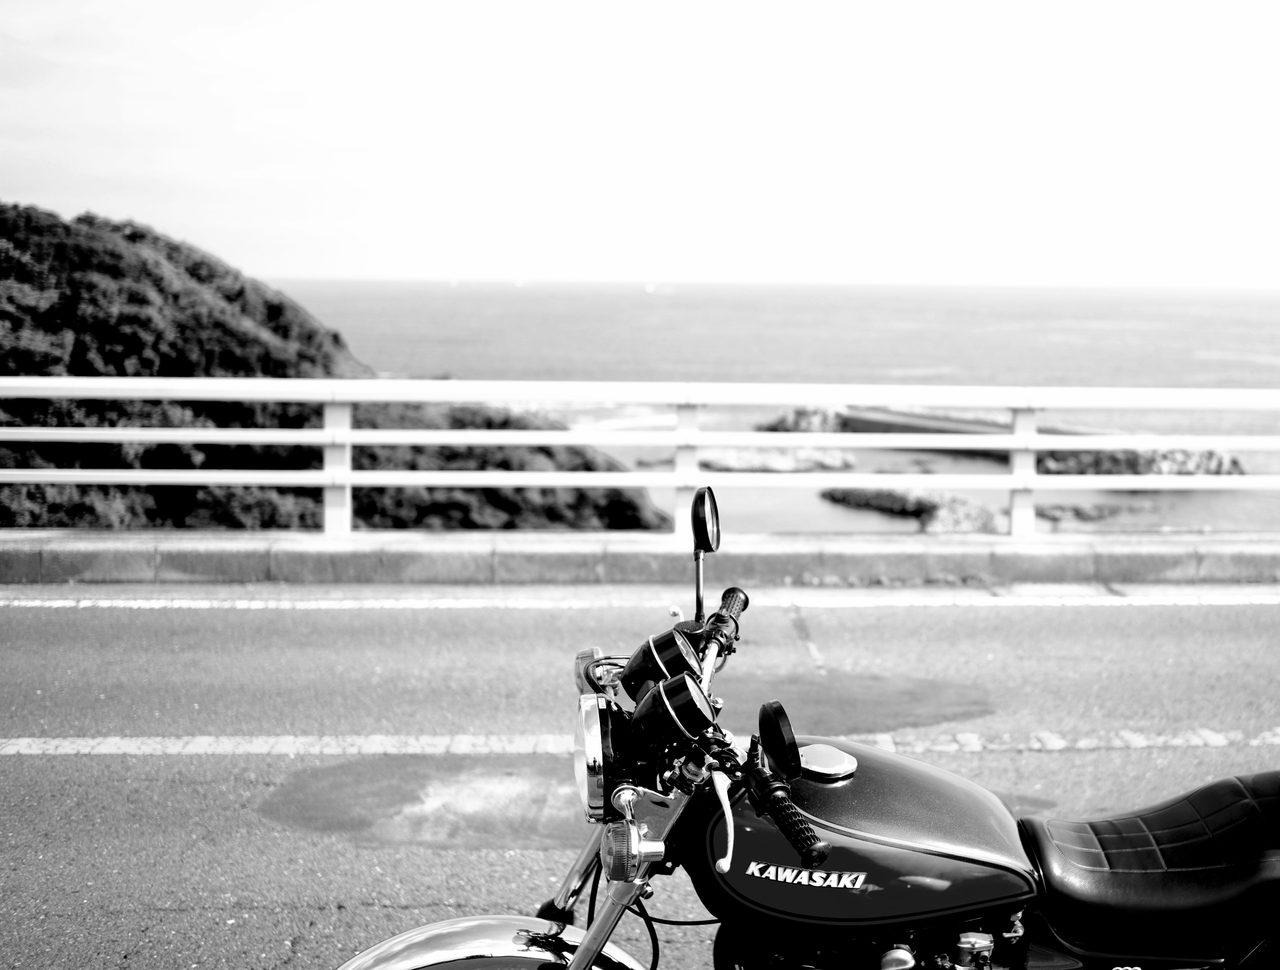 画像: おれのカワサキ、あなたのカワサキ、と、登場人物たちがオートバイをメーカー名で呼ぶのも本作の特徴。